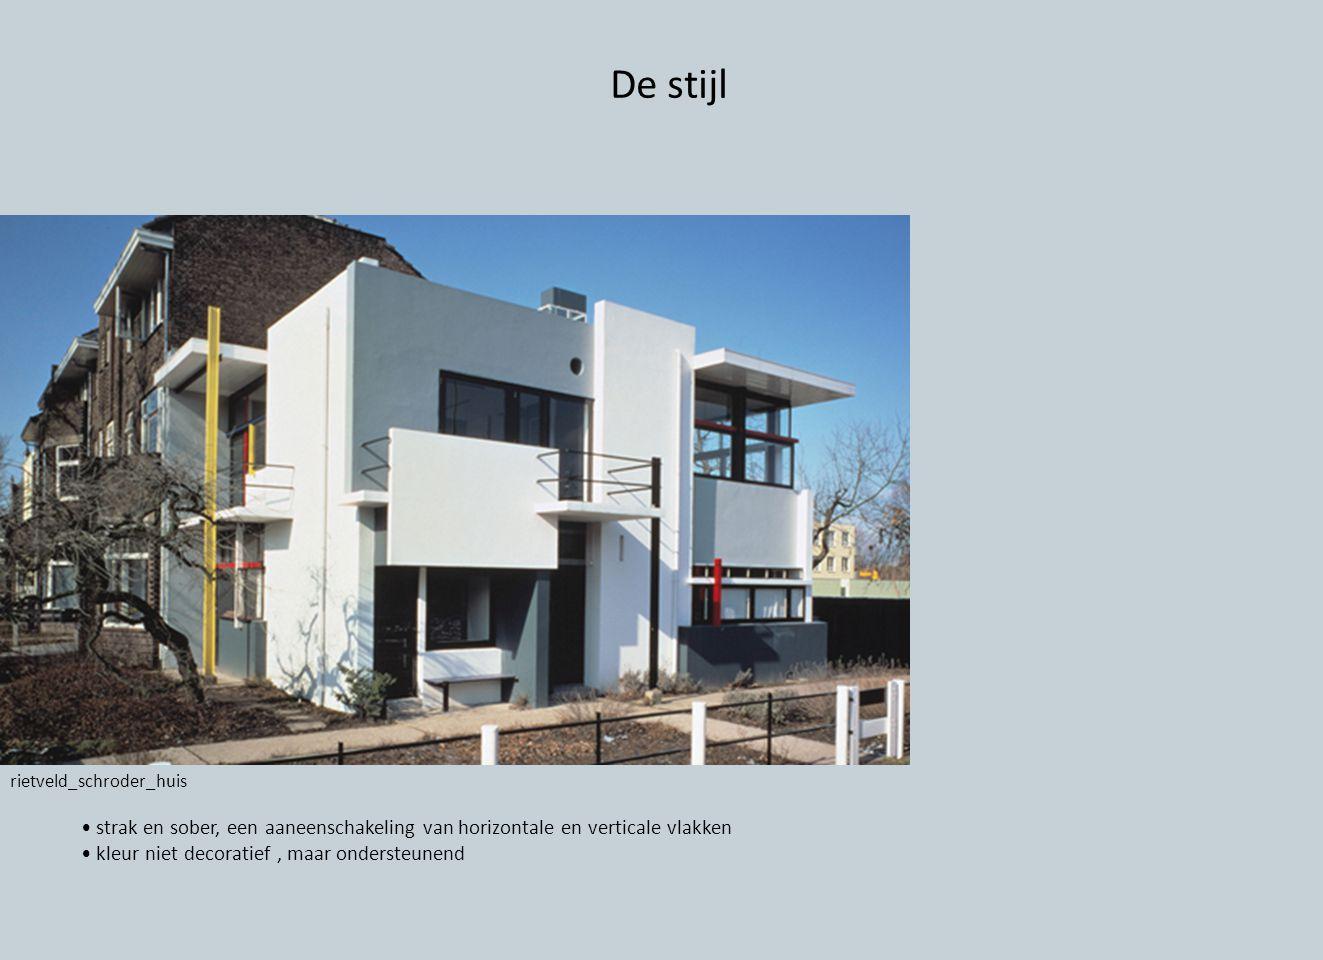 De stijl rietveld_schroder_huis. • strak en sober, een aaneenschakeling van horizontale en verticale vlakken.